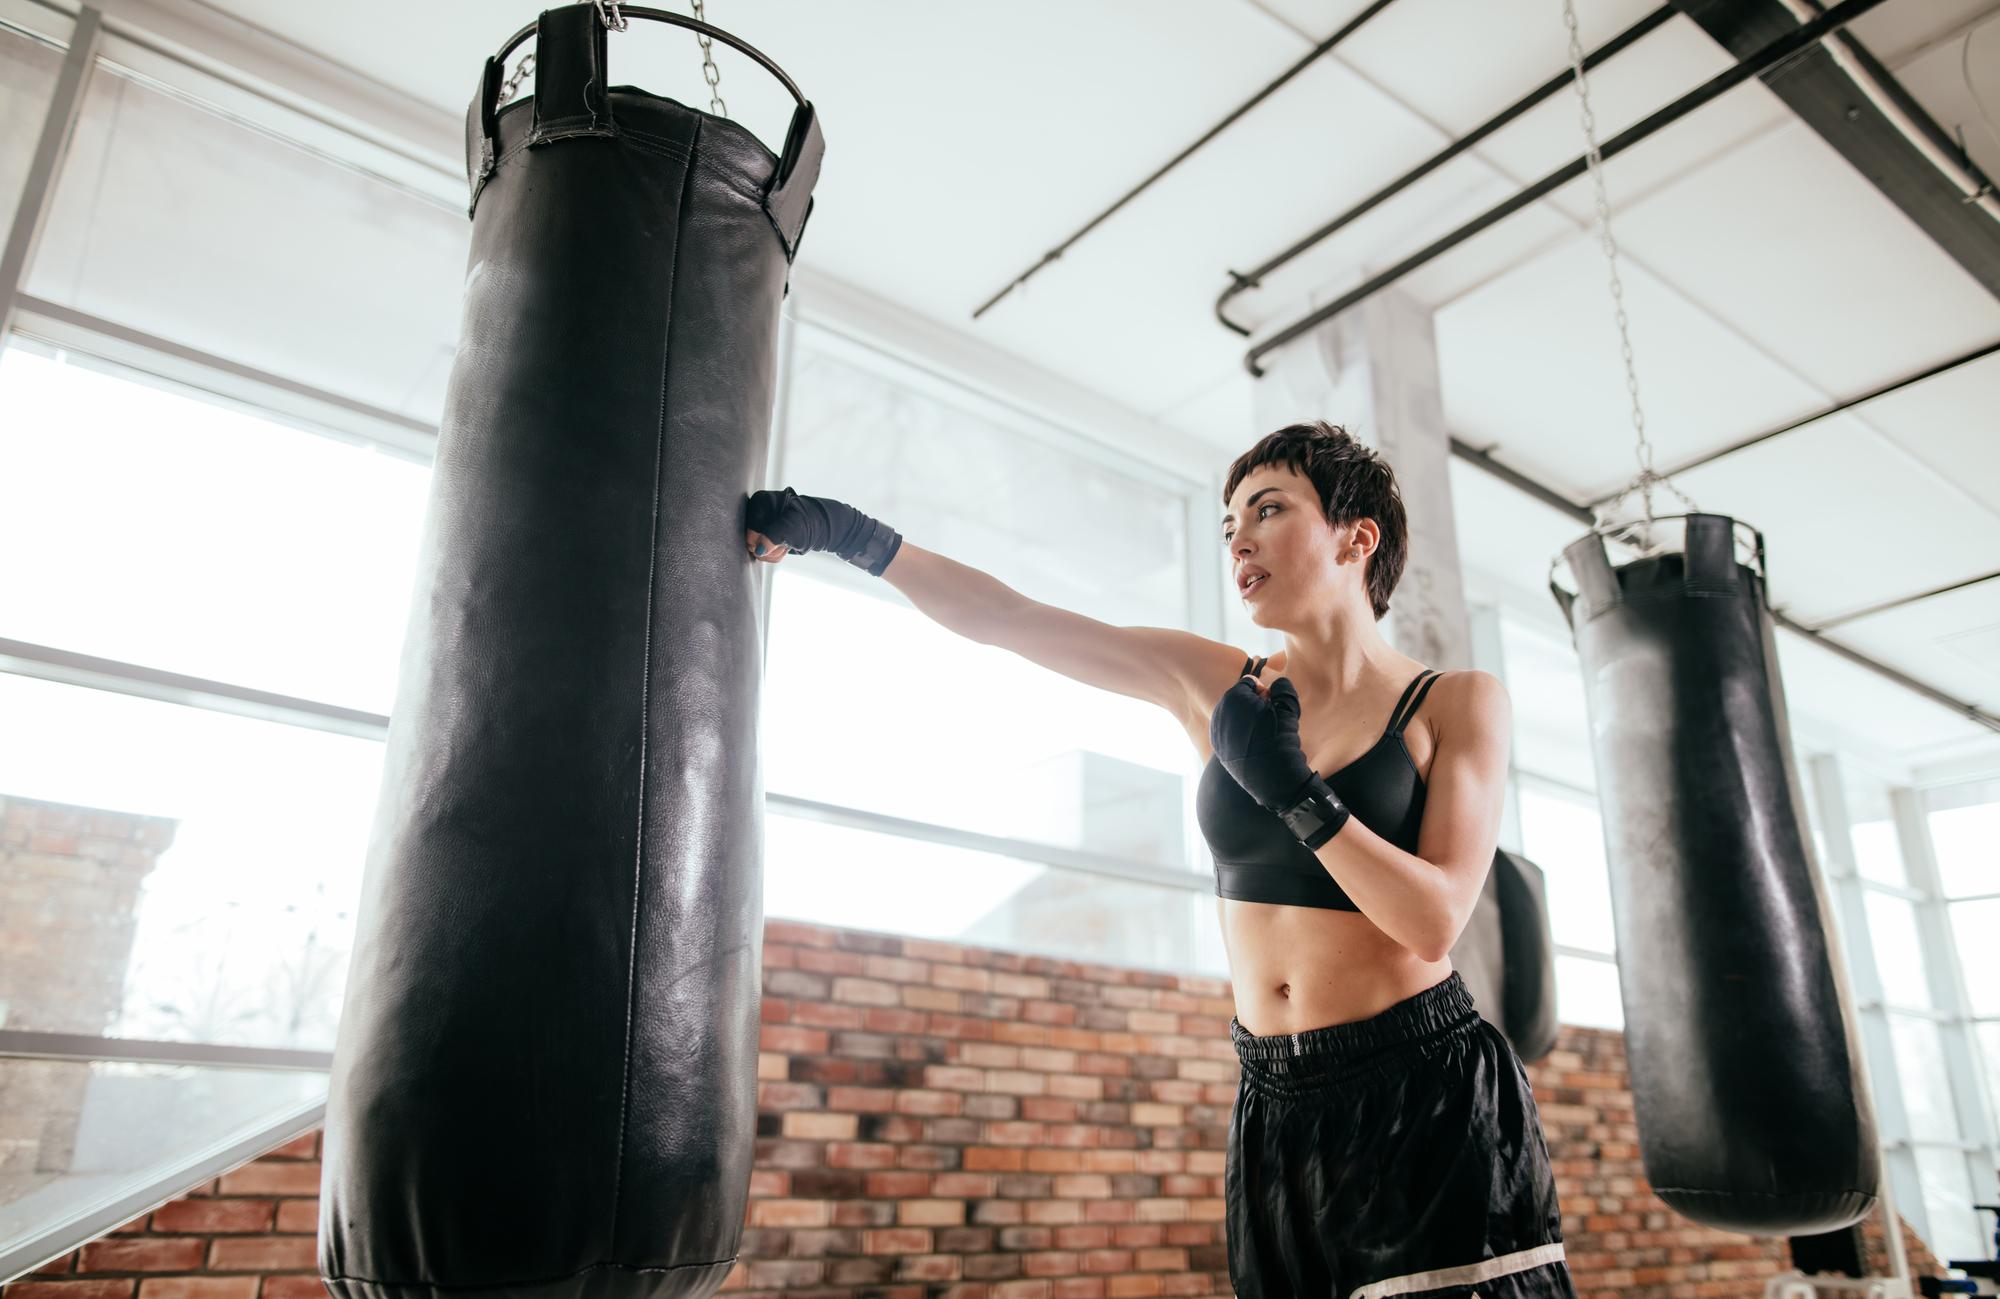 痩せる!キックボクシングが女性におすすめの理由